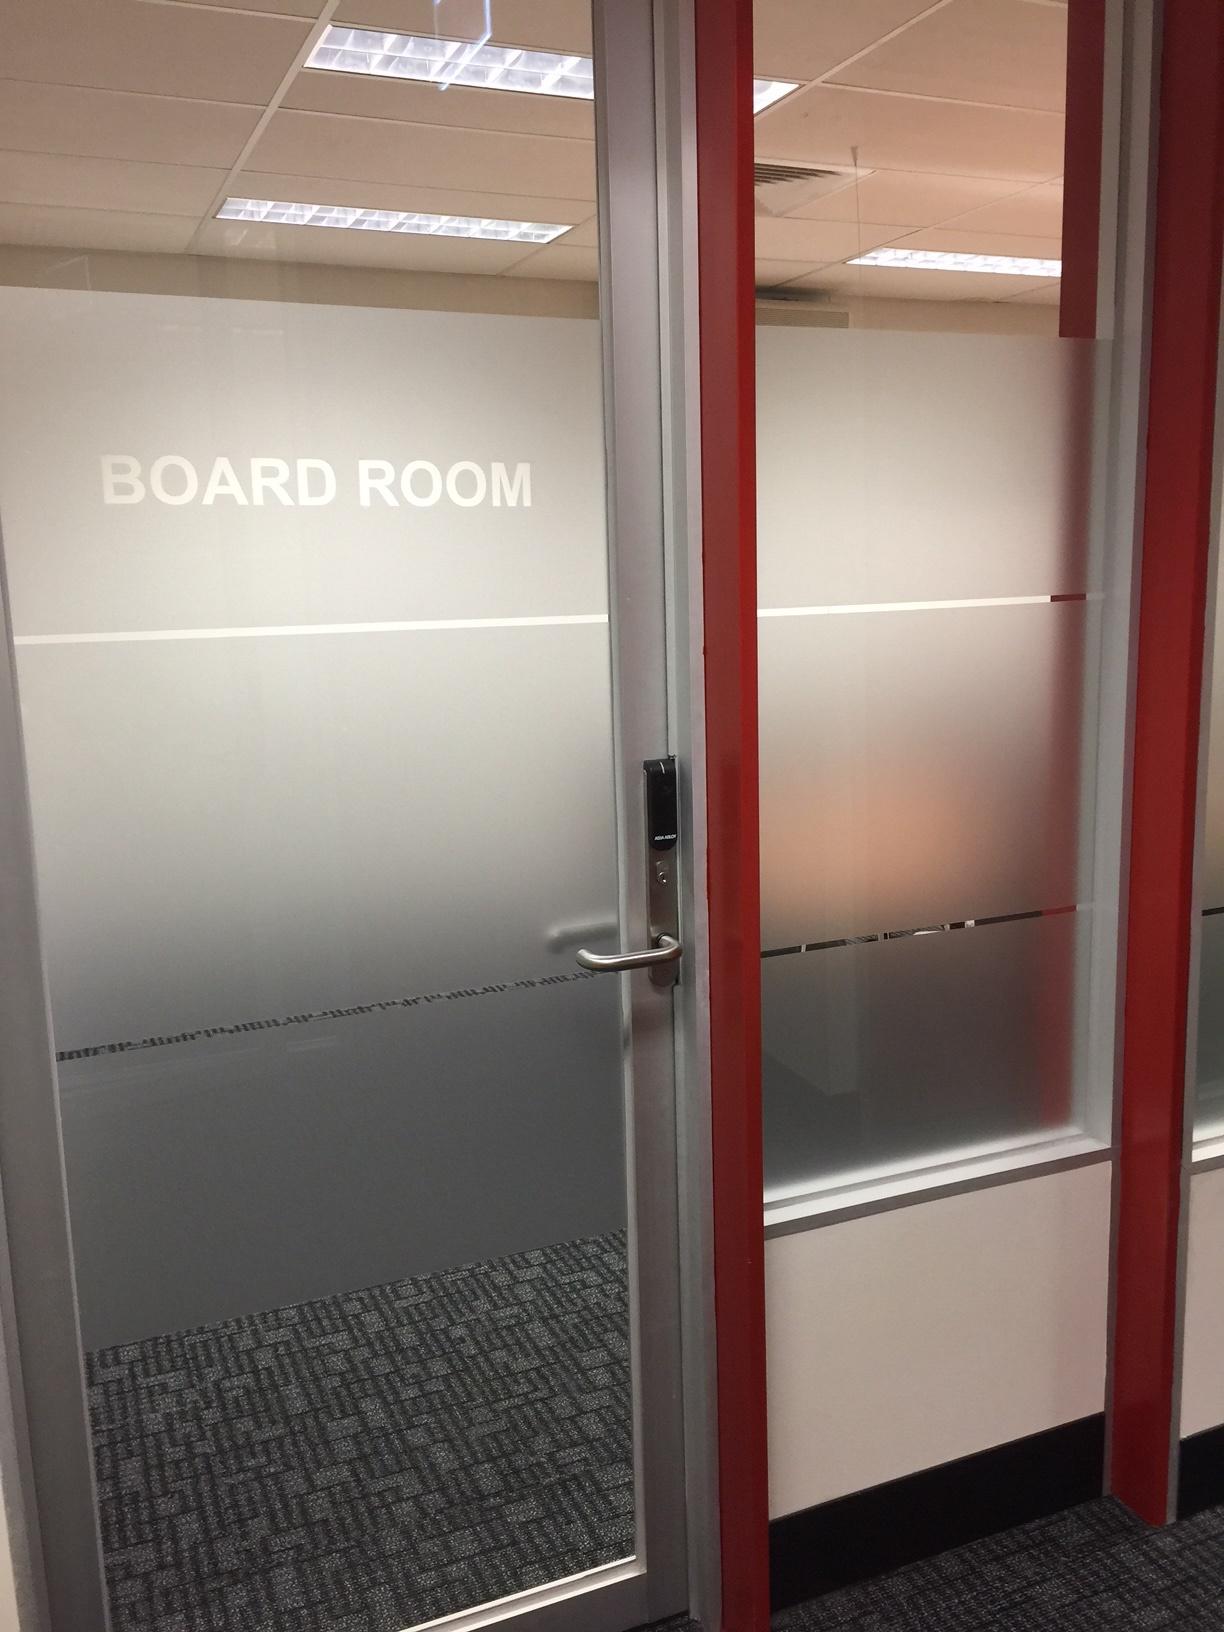 Boardroom Entry